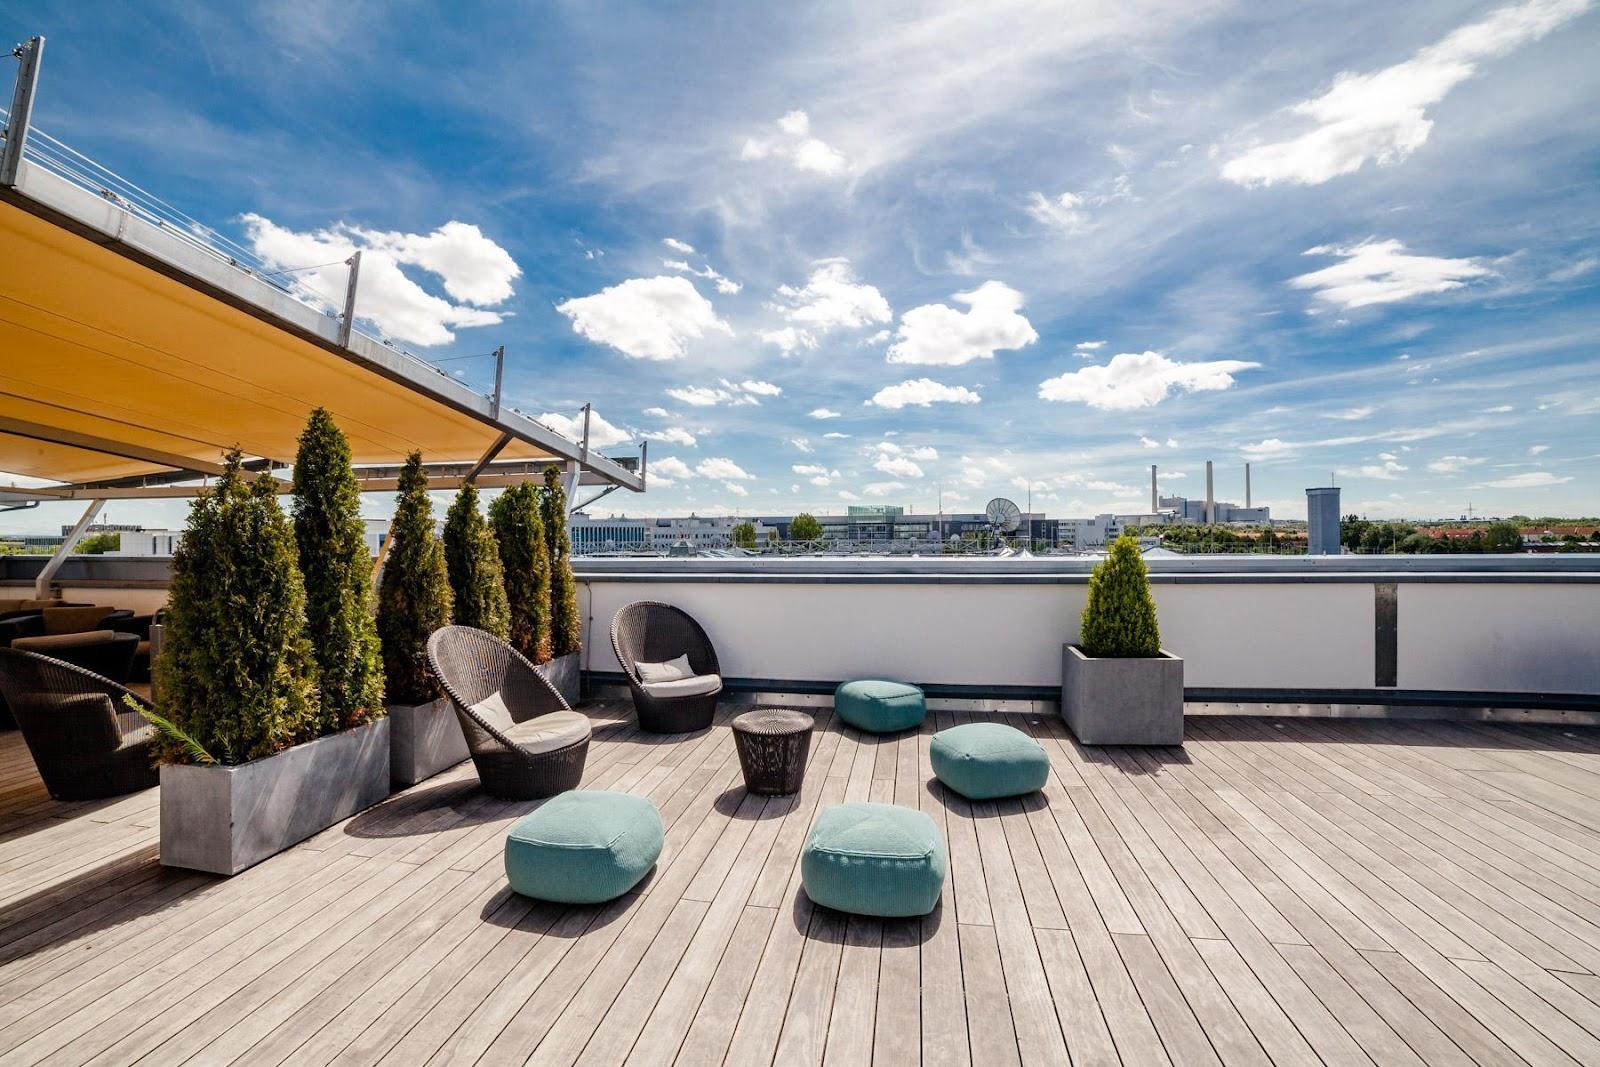 Un bon design : des lames de terrasse durables et une bonne conception garantissent que la terrasse va conserver sa beauté année après année.